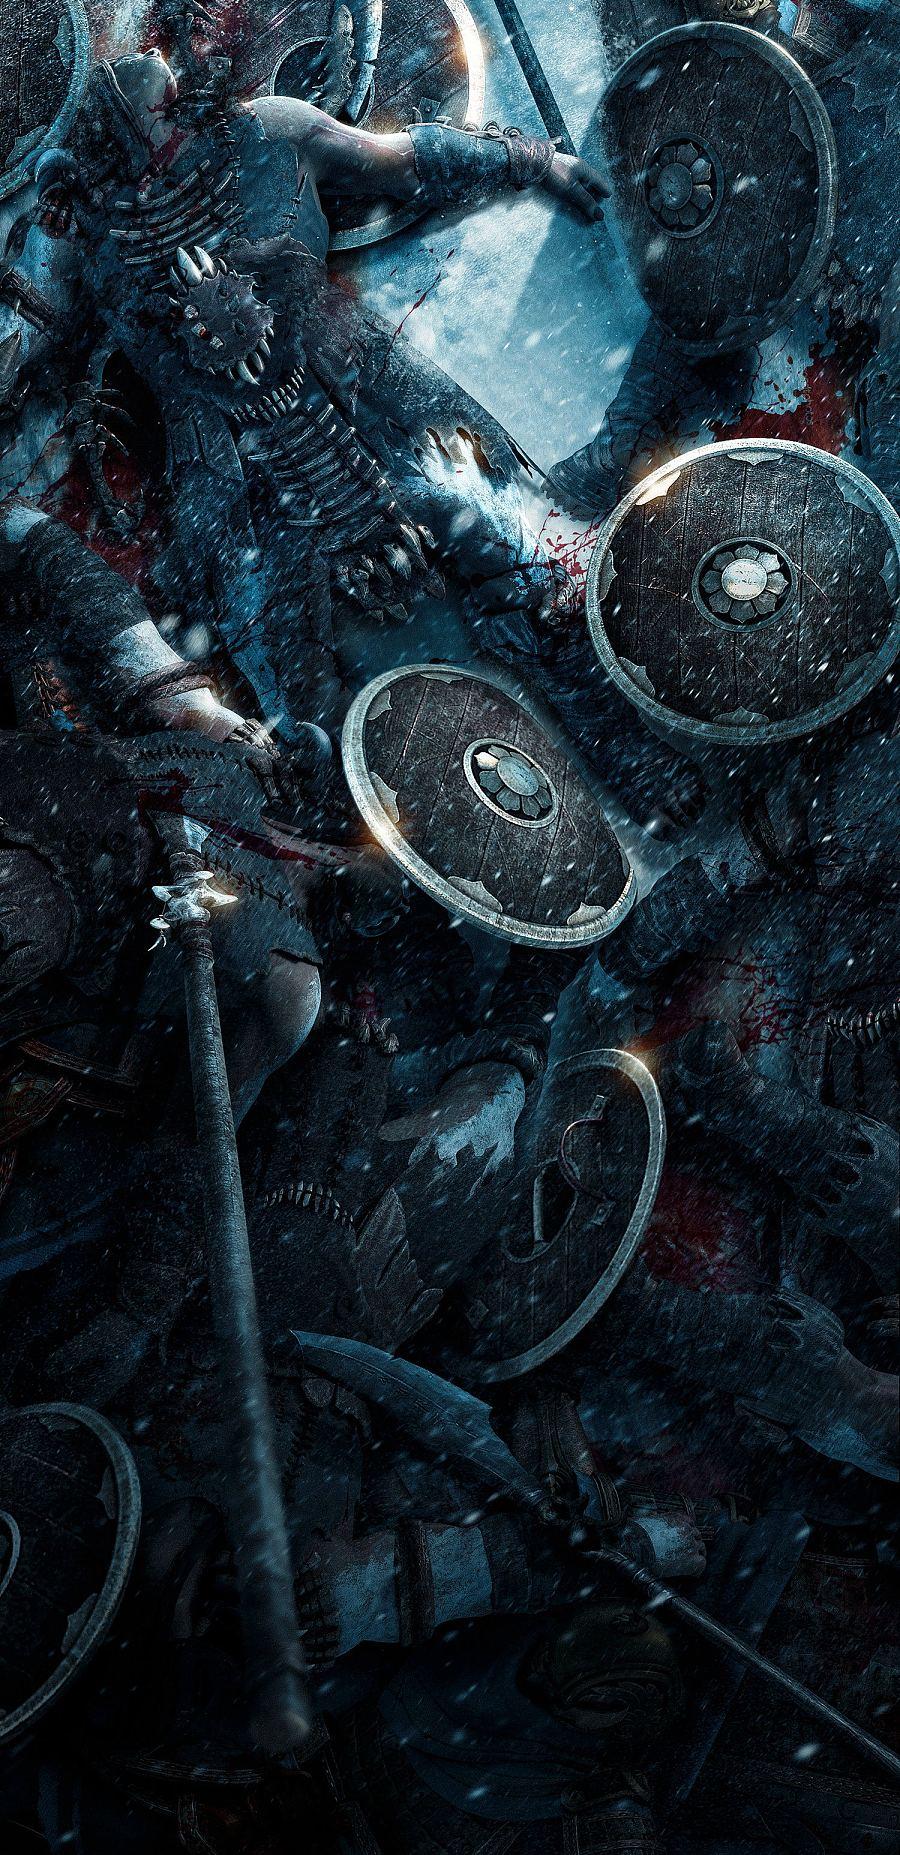 《兰陵王入阵曲》箭头平面|海报|海报|酉辰大K军标绘制概念图片